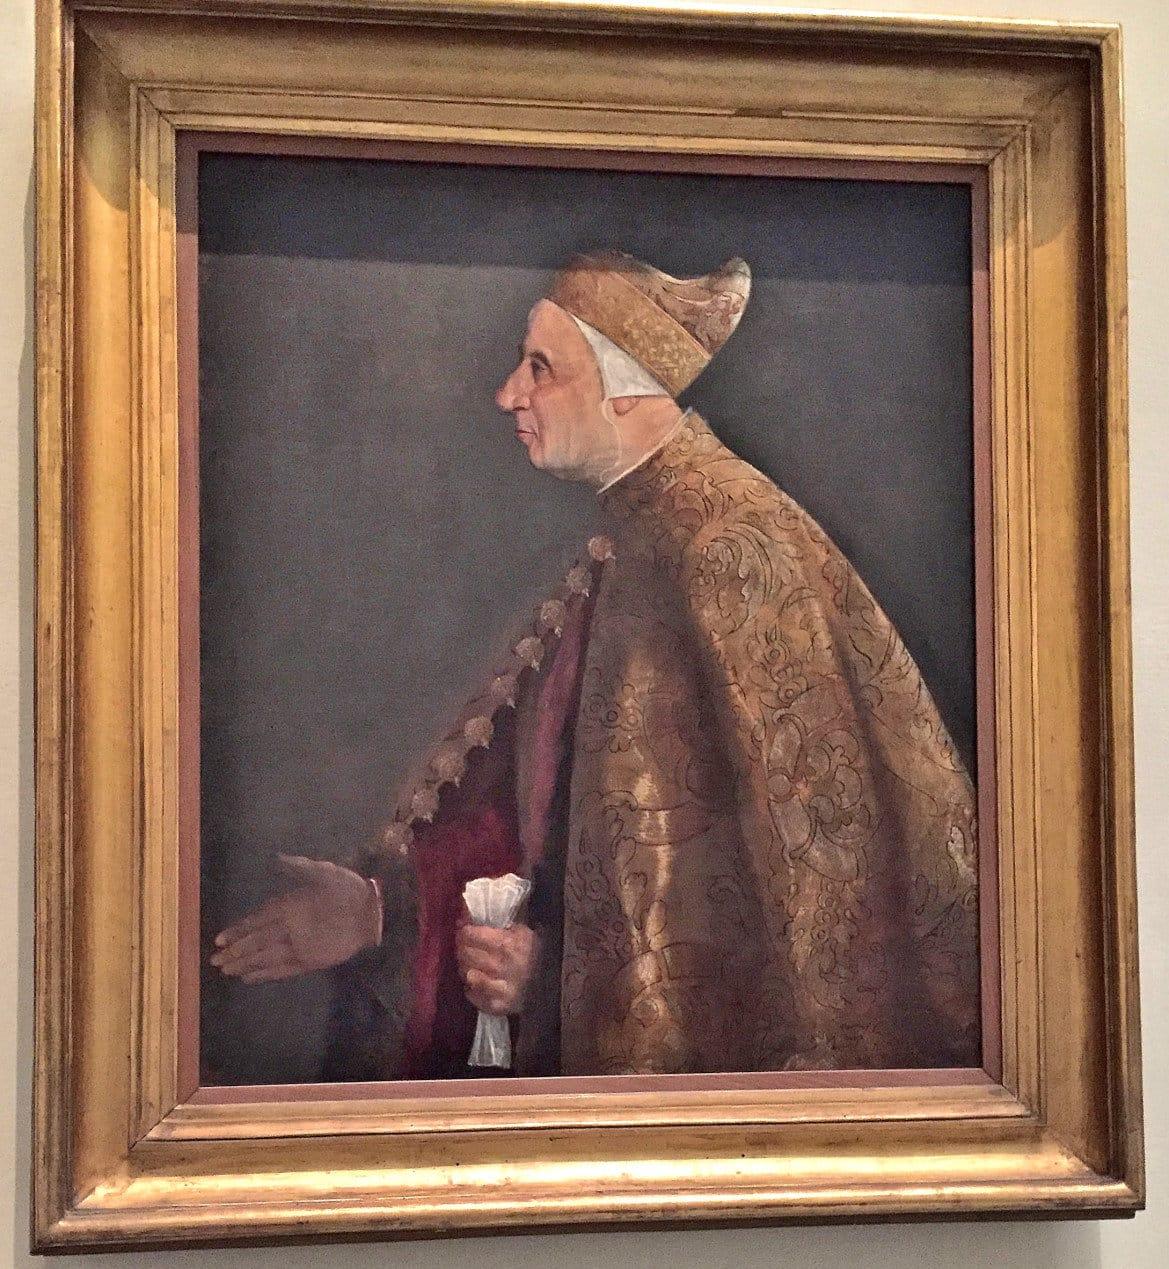 Titian - Portrait of Nicolo Marcello - Vatican Art Gallery